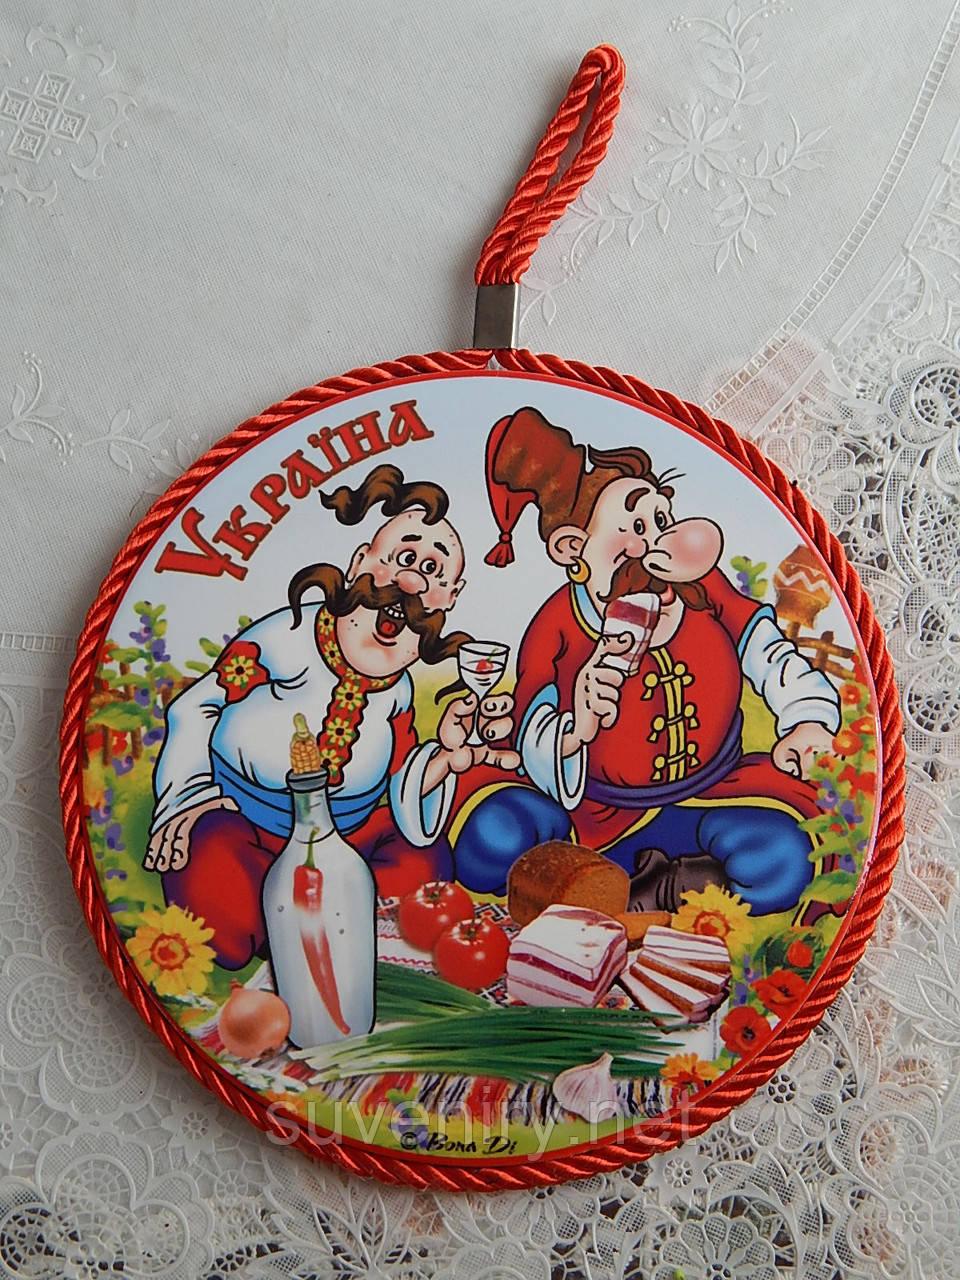 2в1 Подставка Украина под гарячее и сувенир на стену